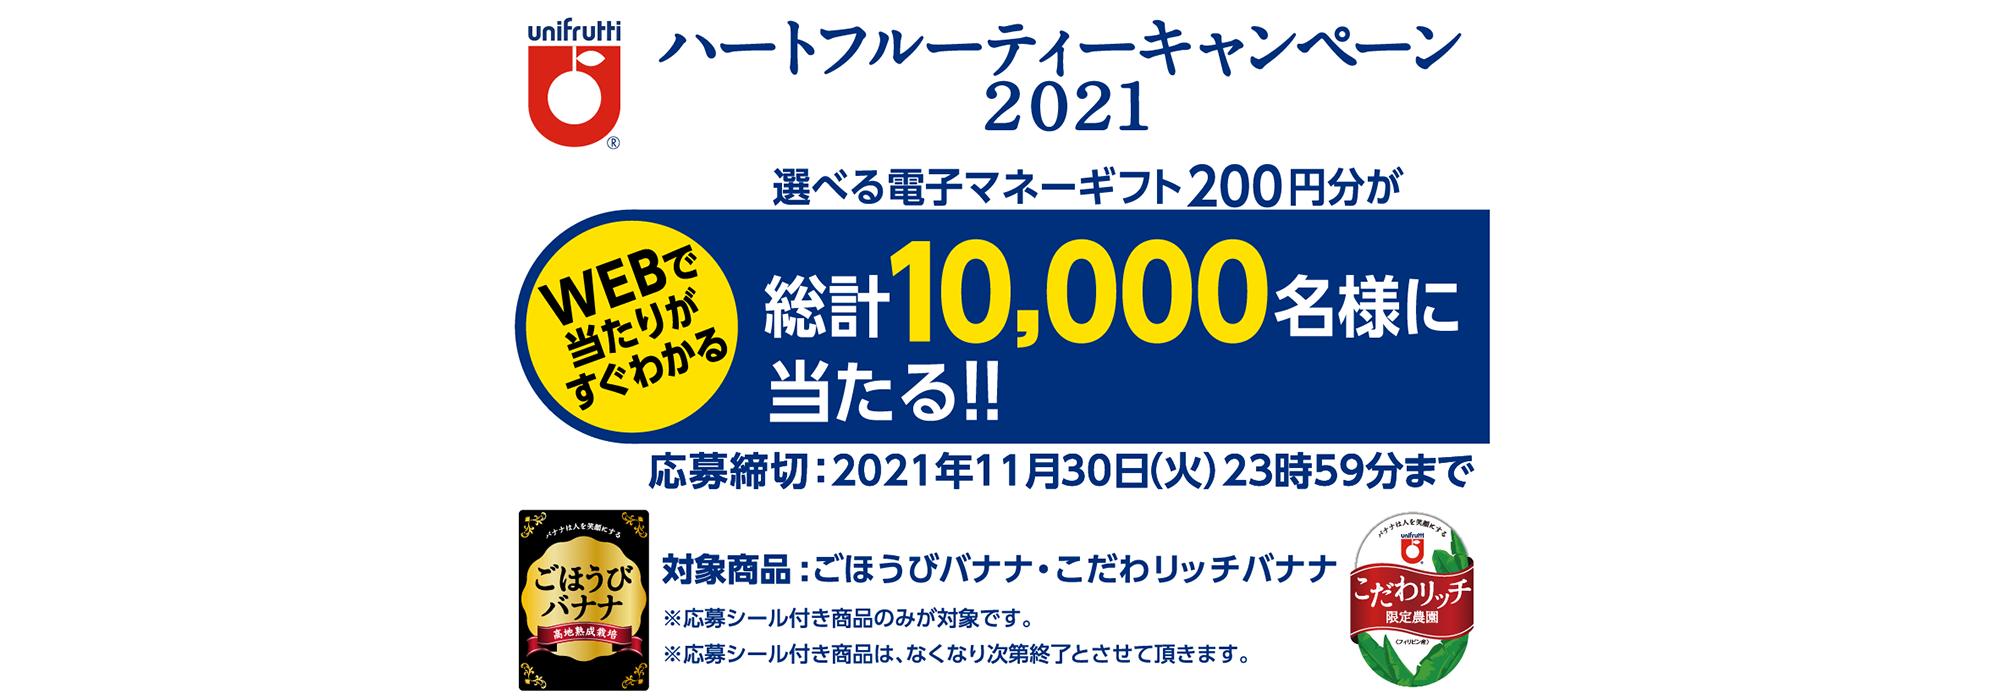 ユニフルーティーのバナナを買うと、選べる電子マネーギフト200円分が抽選で1万名にその場で当たる。~11/30。